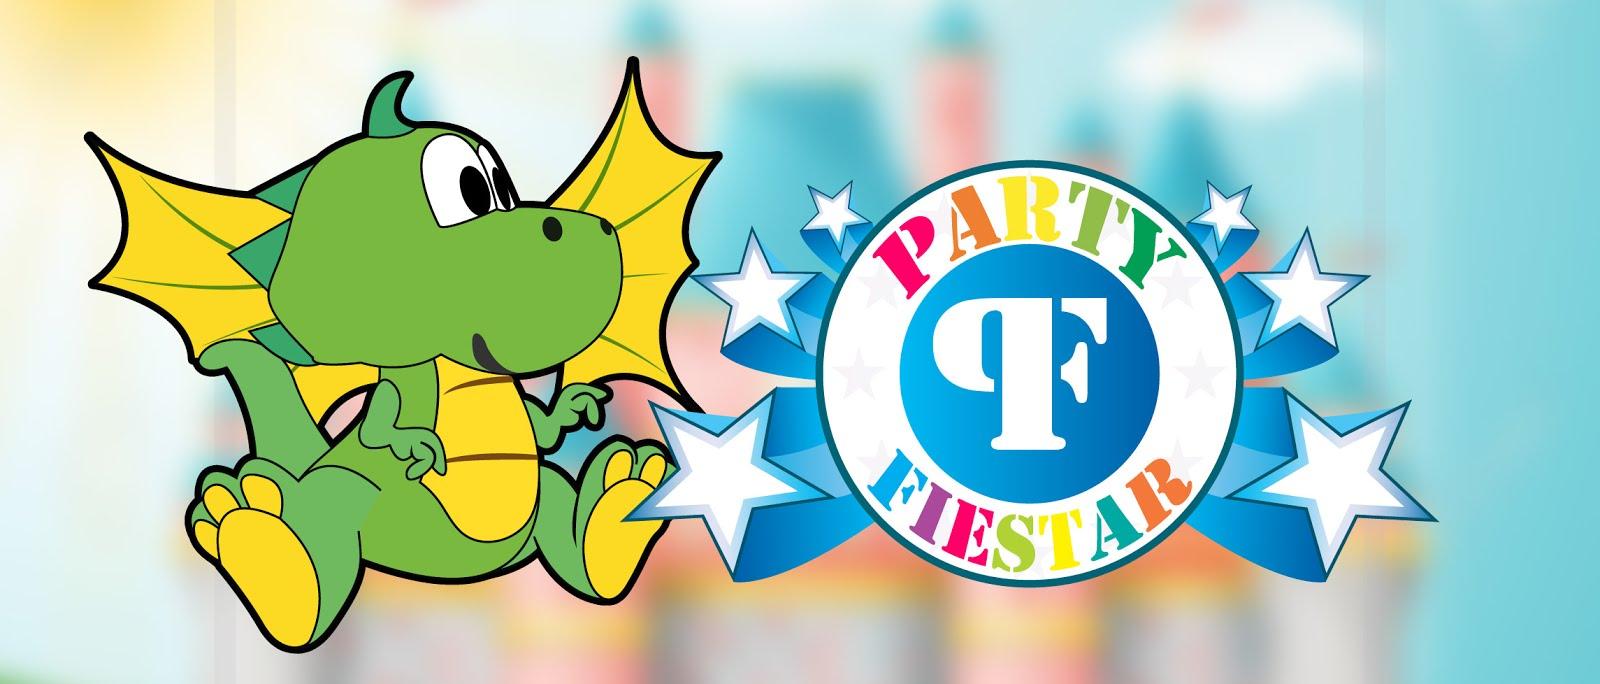 Party Fiestar